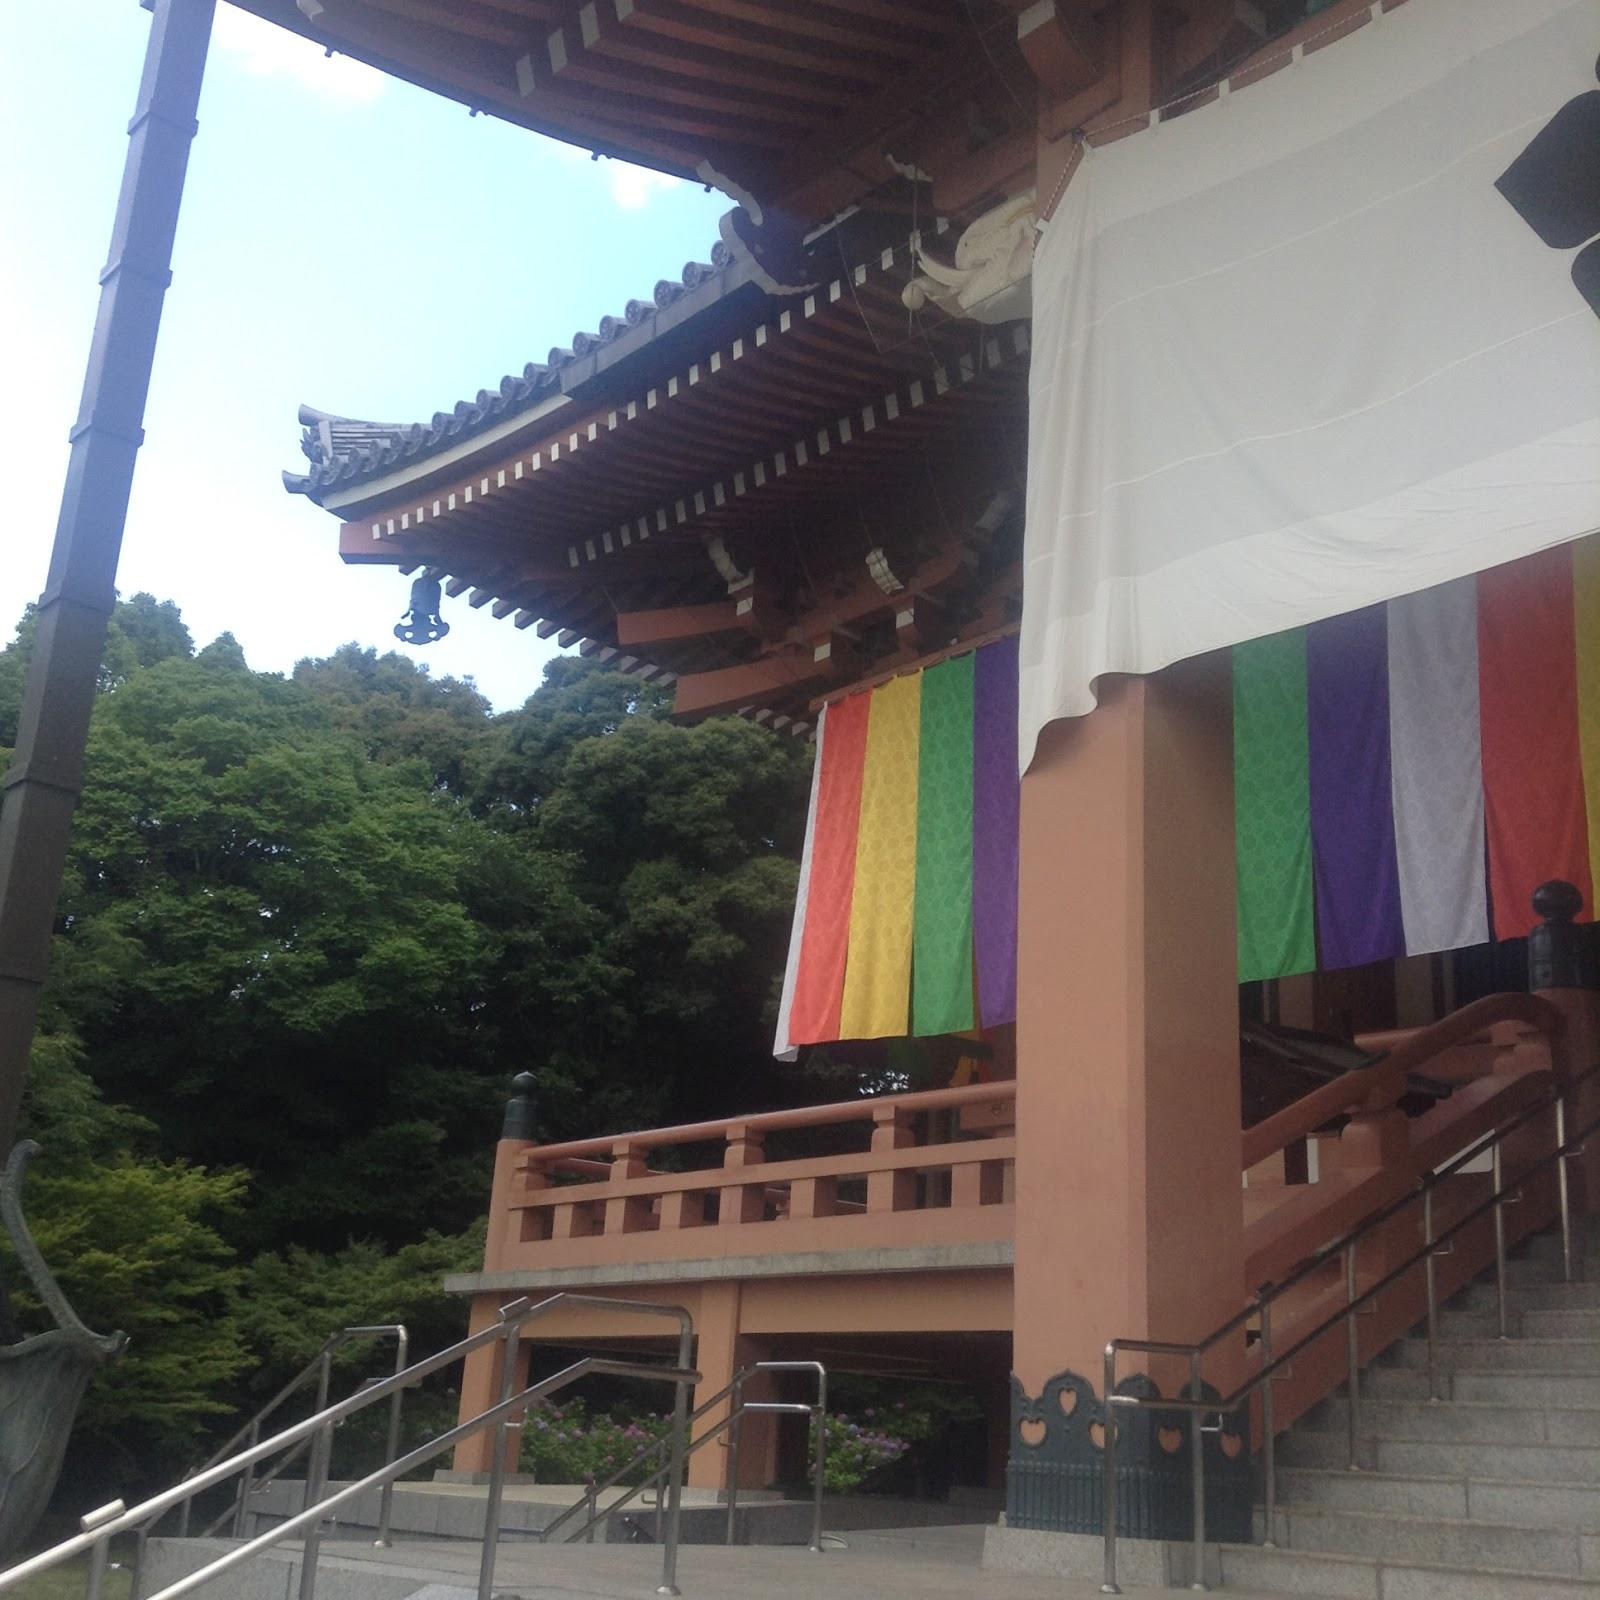 Chishakuin temple Kyoto